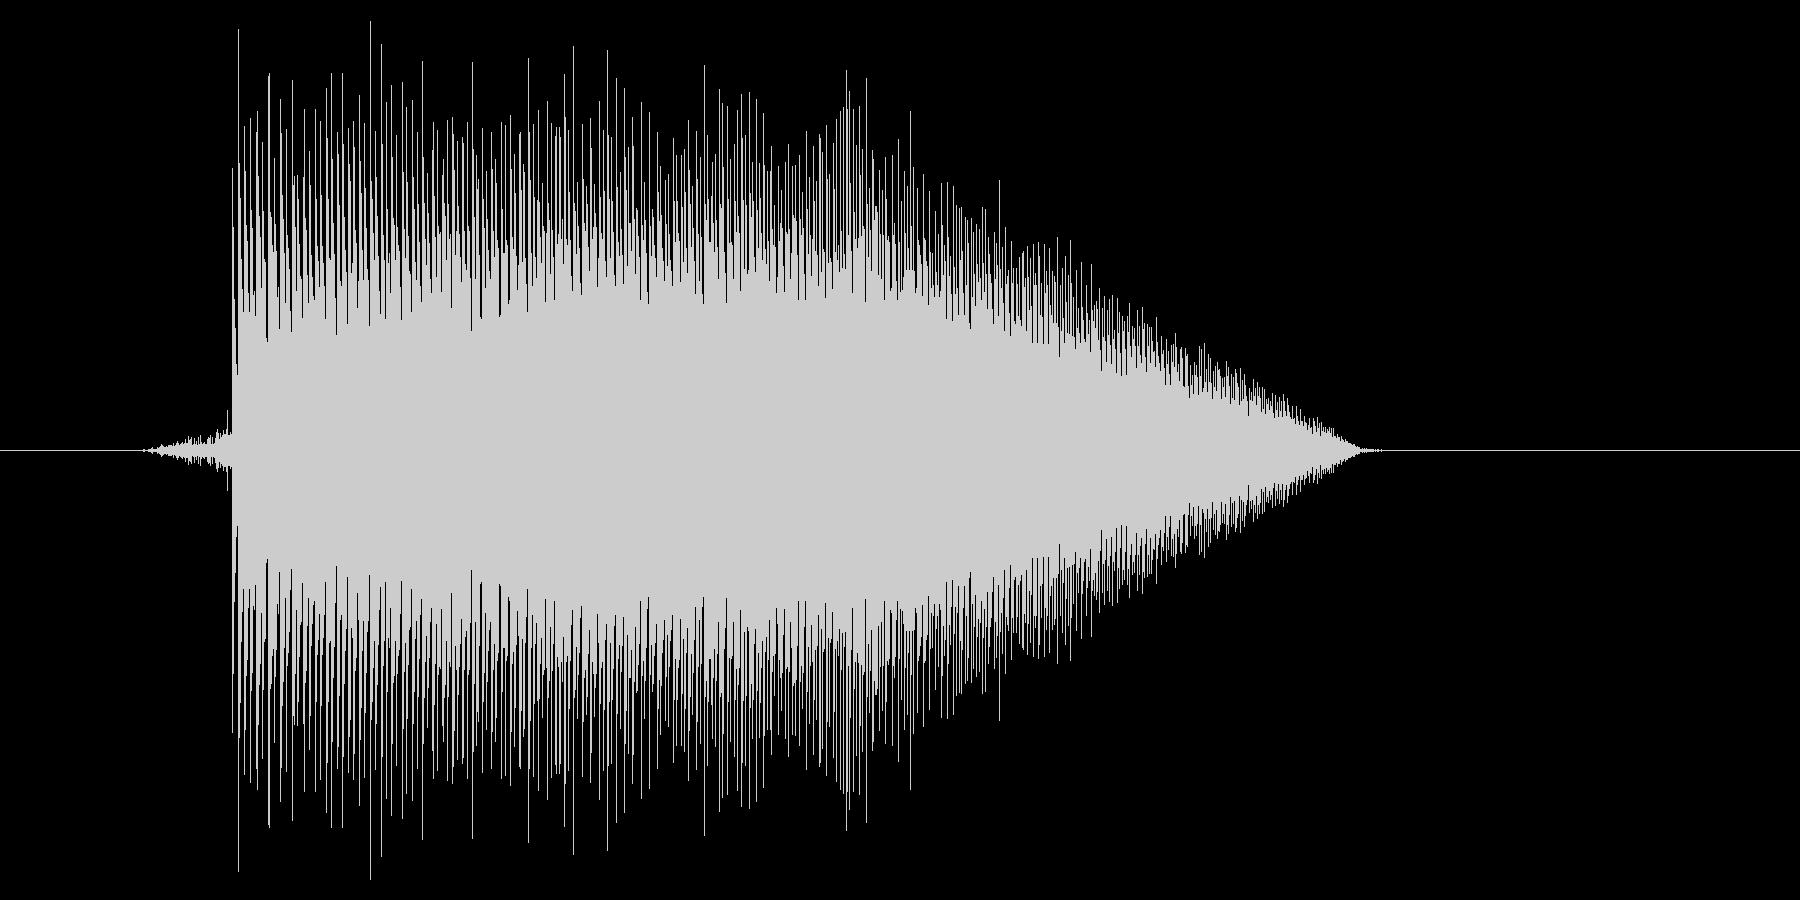 ゲーム(ファミコン風)ジャンプ音_033の未再生の波形